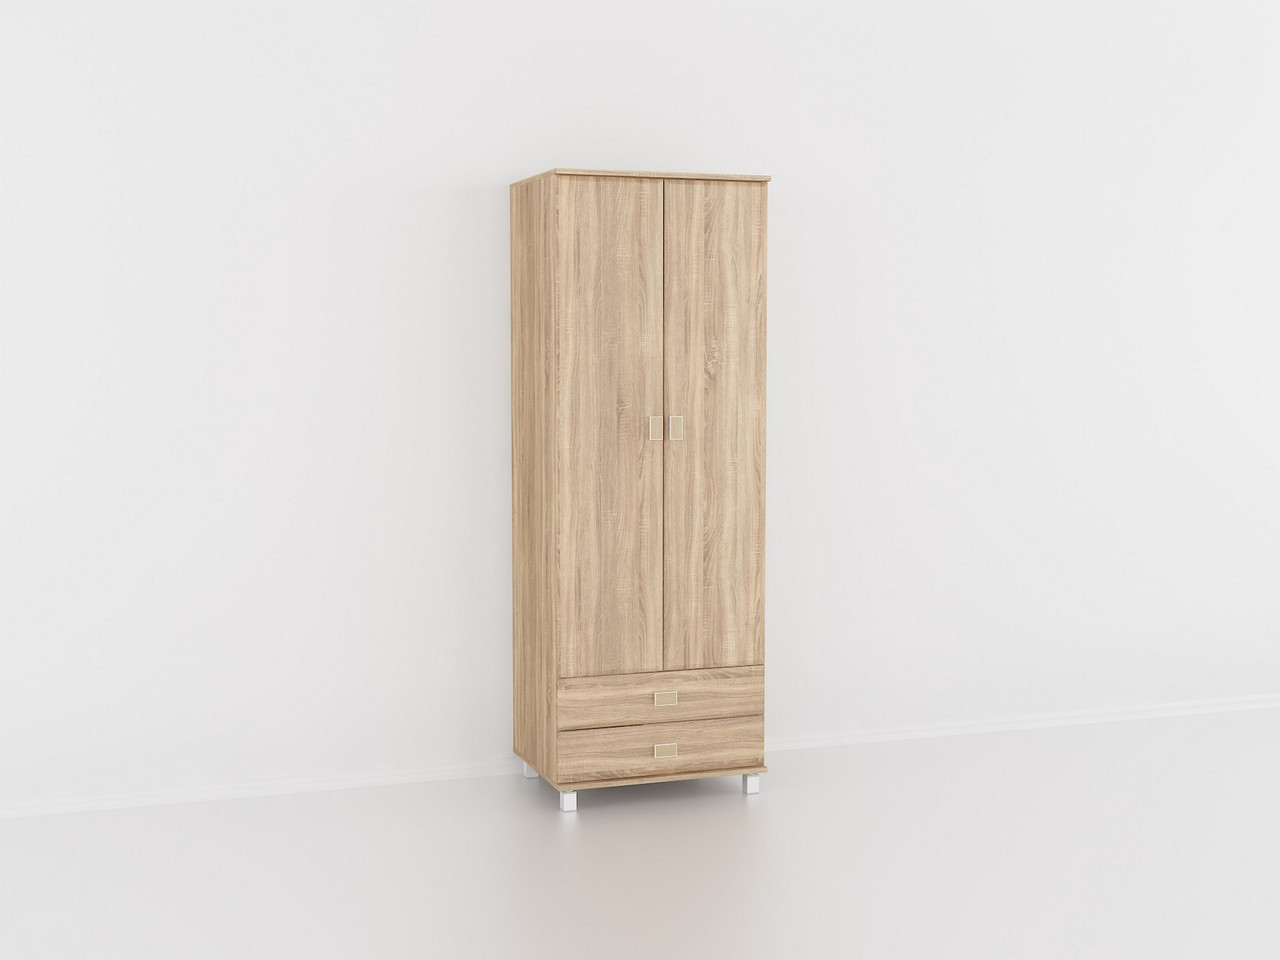 Шкаф для одежды Дуб Сонома, шкаф в гостинную, залу. Мебель из МДФ